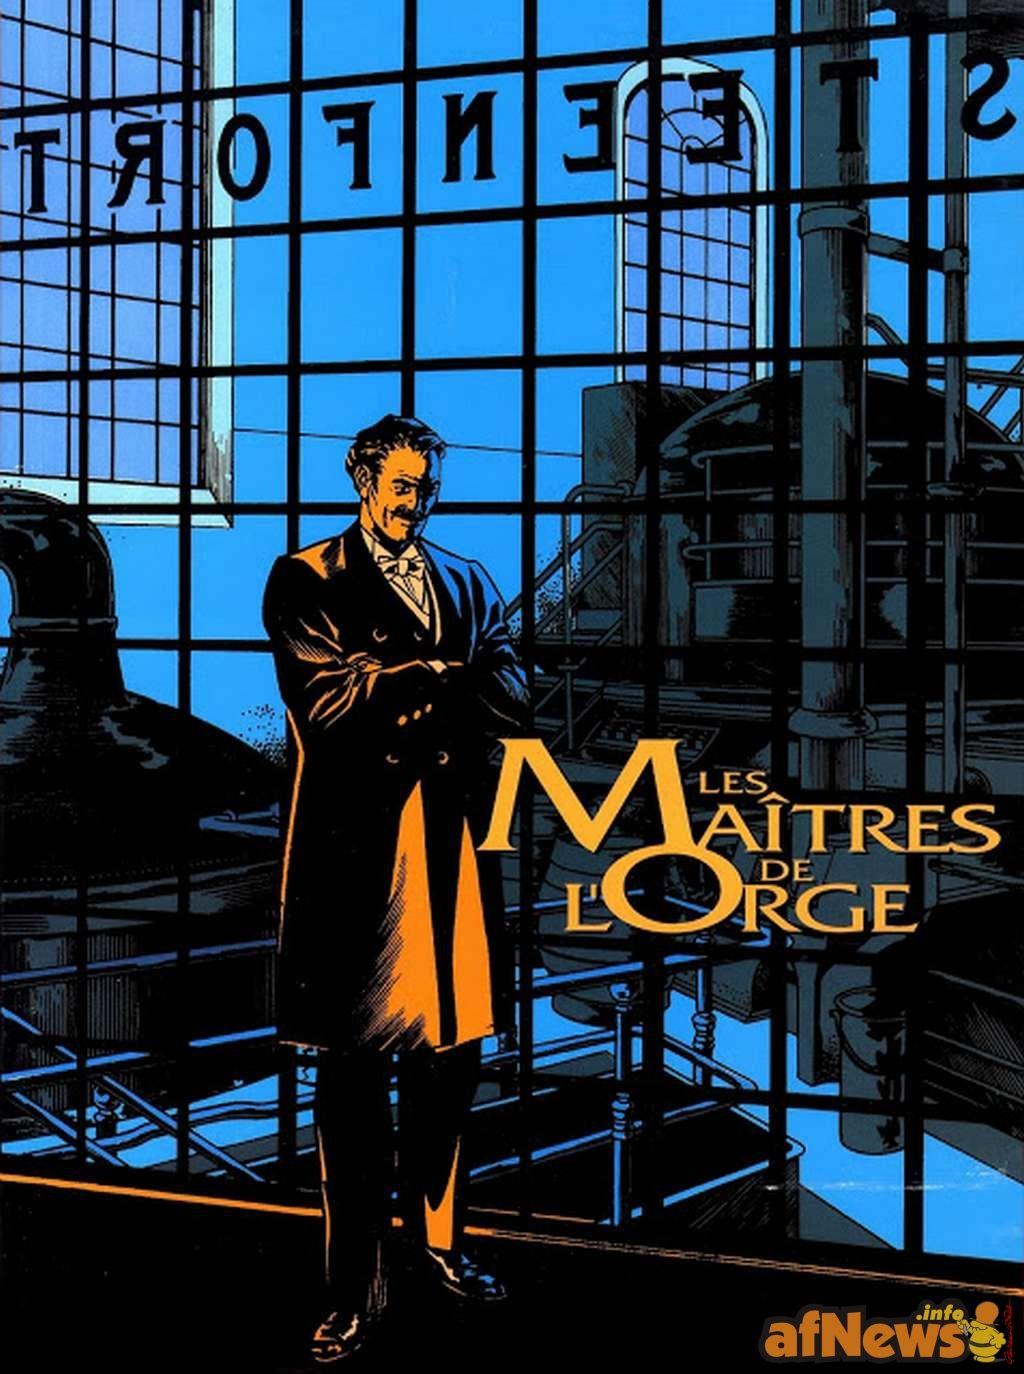 Les Maîtres de l'orge - http://www.afnews.info/wordpress/2015/07/08/les-maitres-de-lorge/